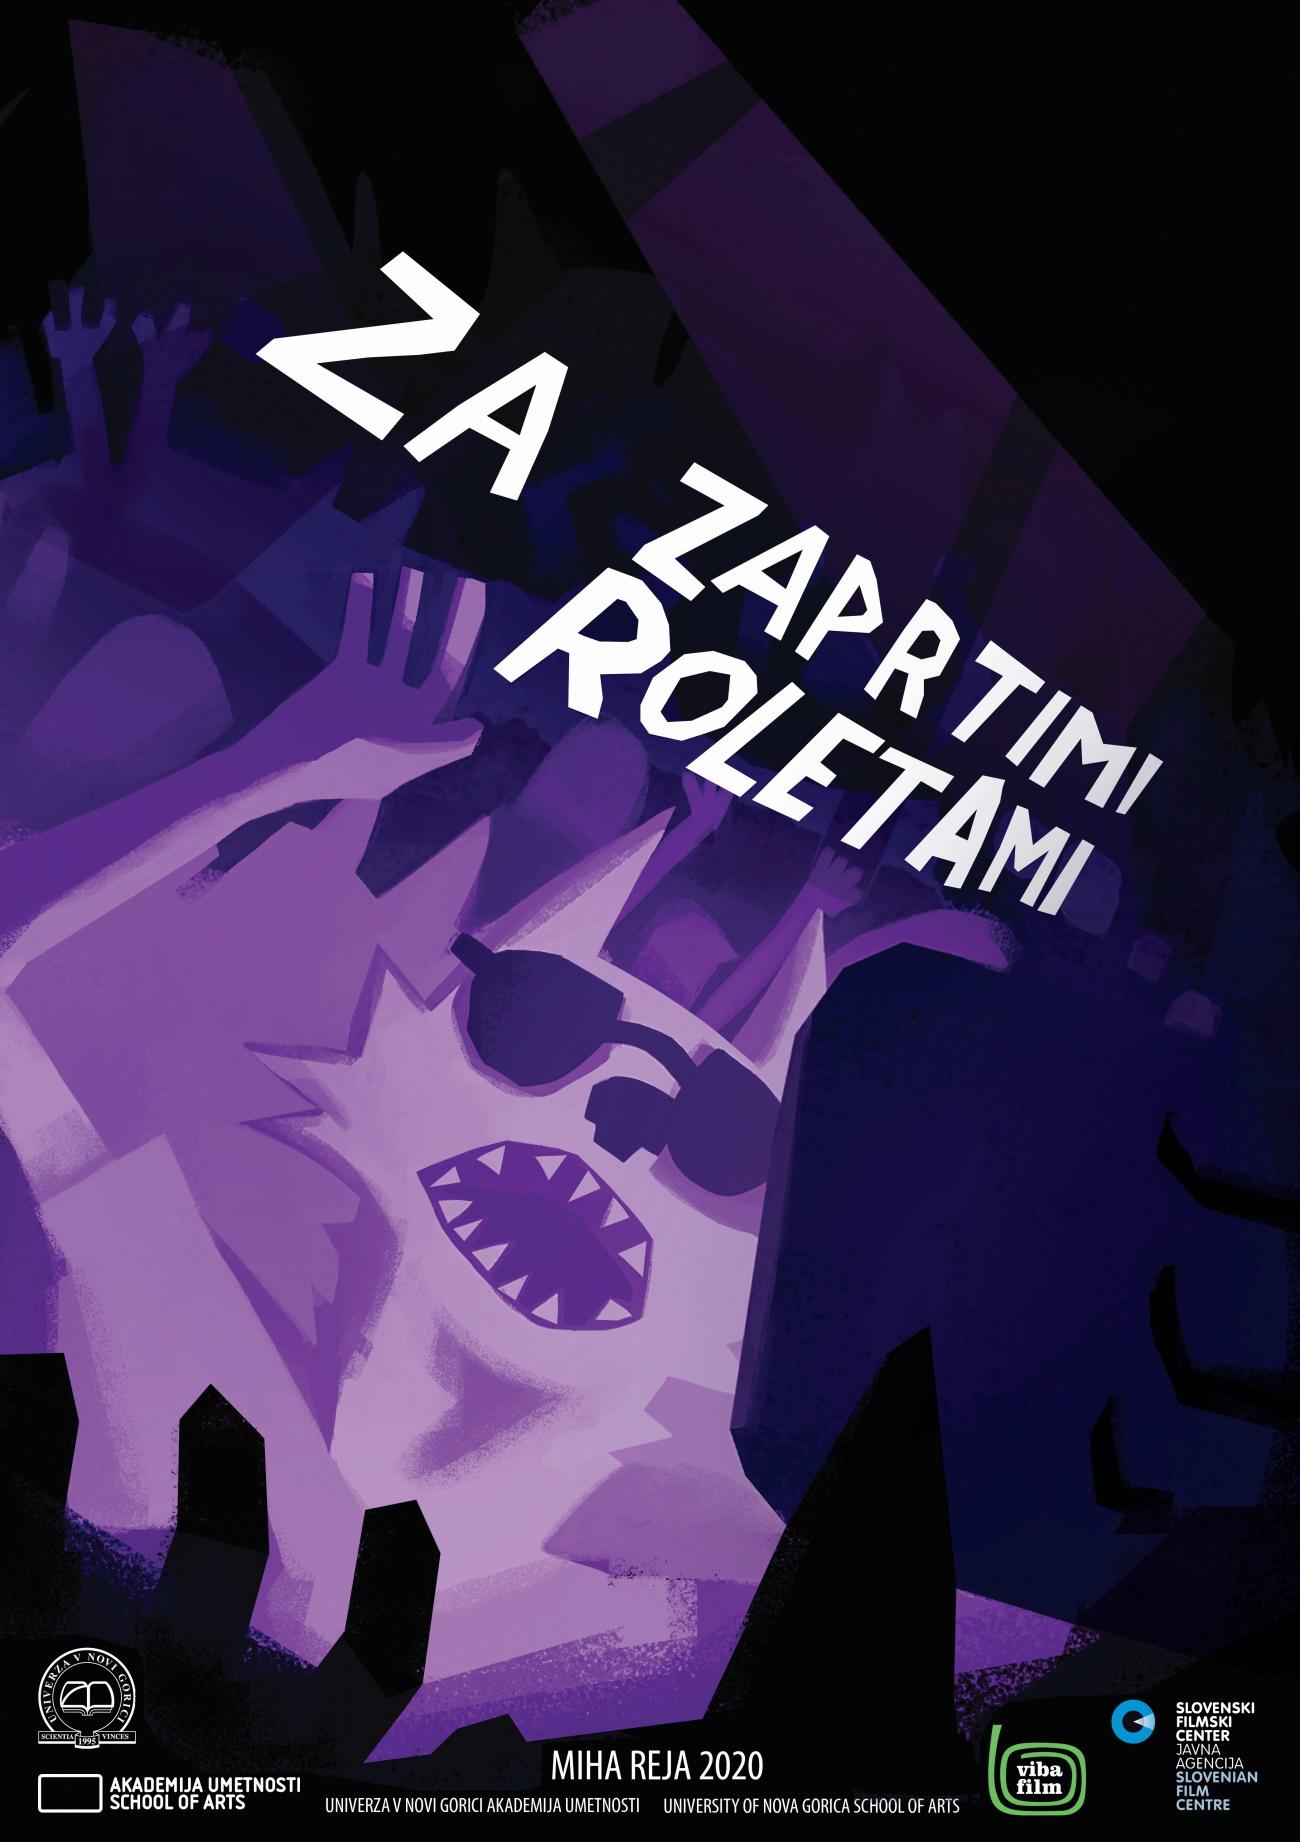 MihaReja_ZaZaprtimiRoletami_Plakat